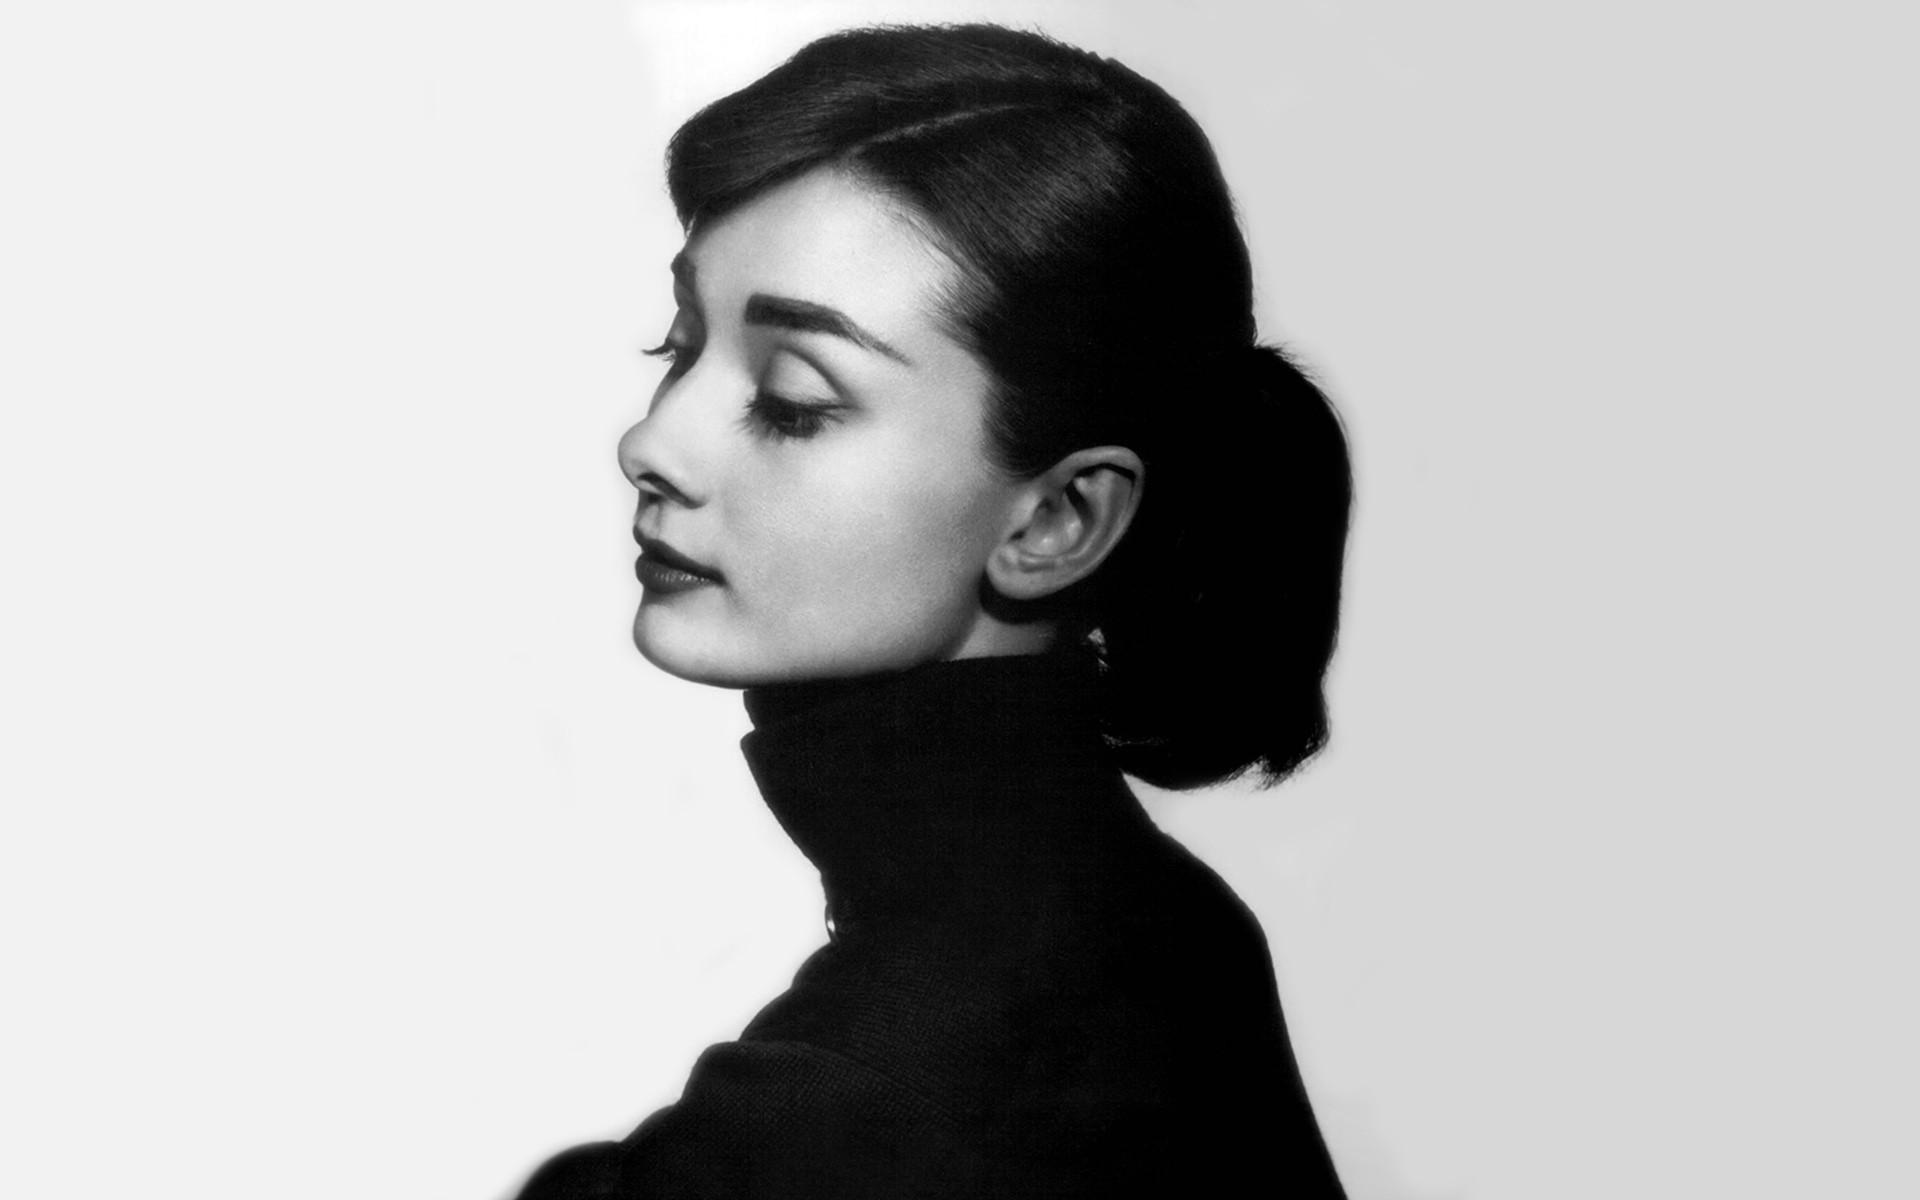 Audrey Hepburn For Desktop